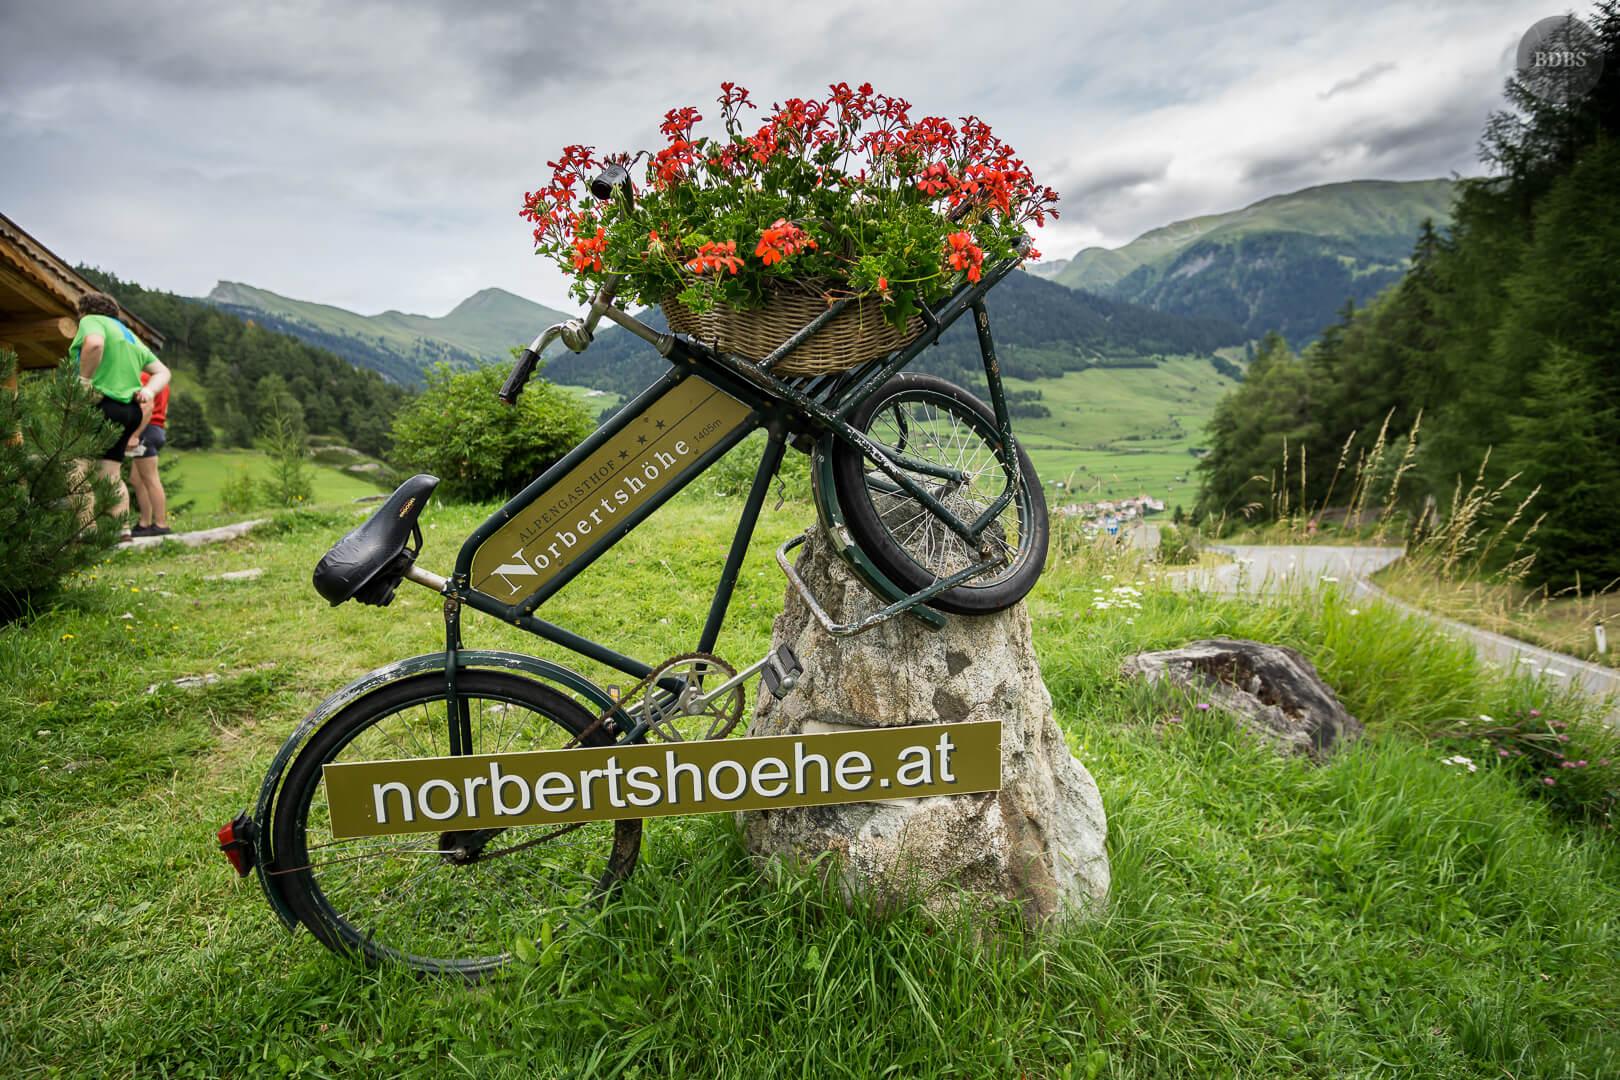 Norbertshöhe